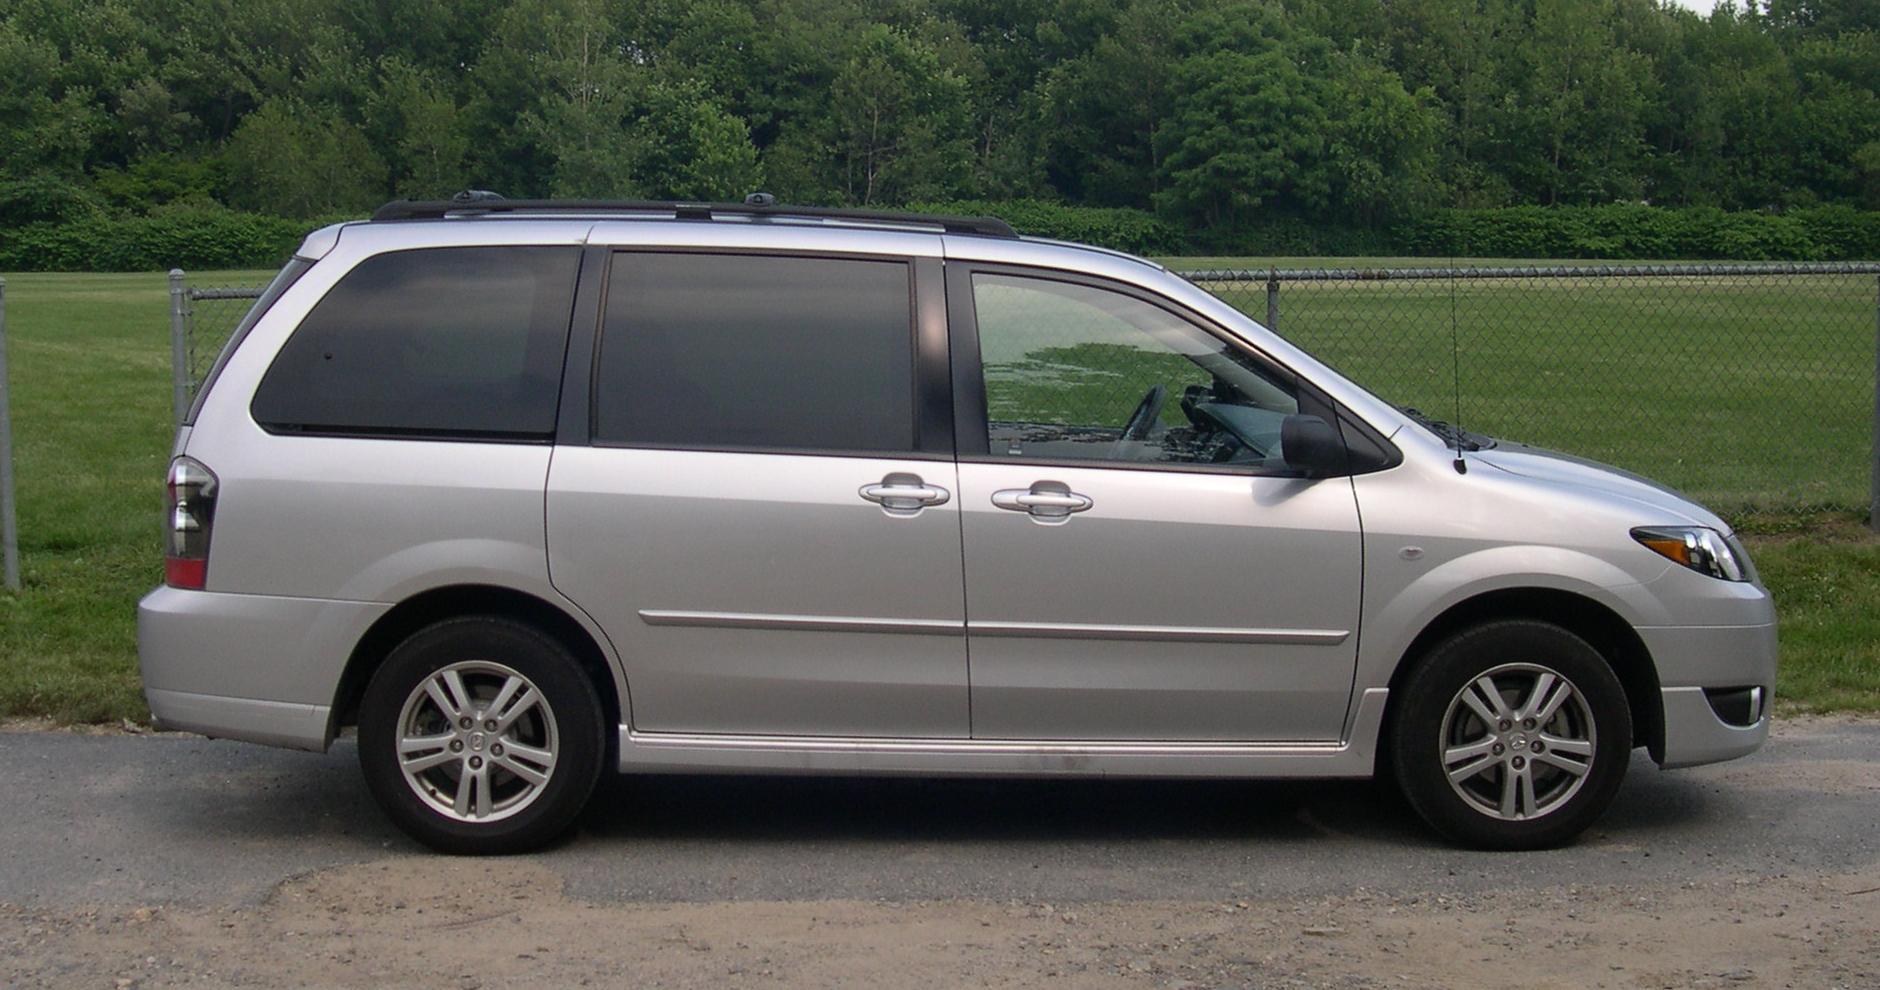 File:2005 Mazda MPV profile.jpg - Wikimedia Commons